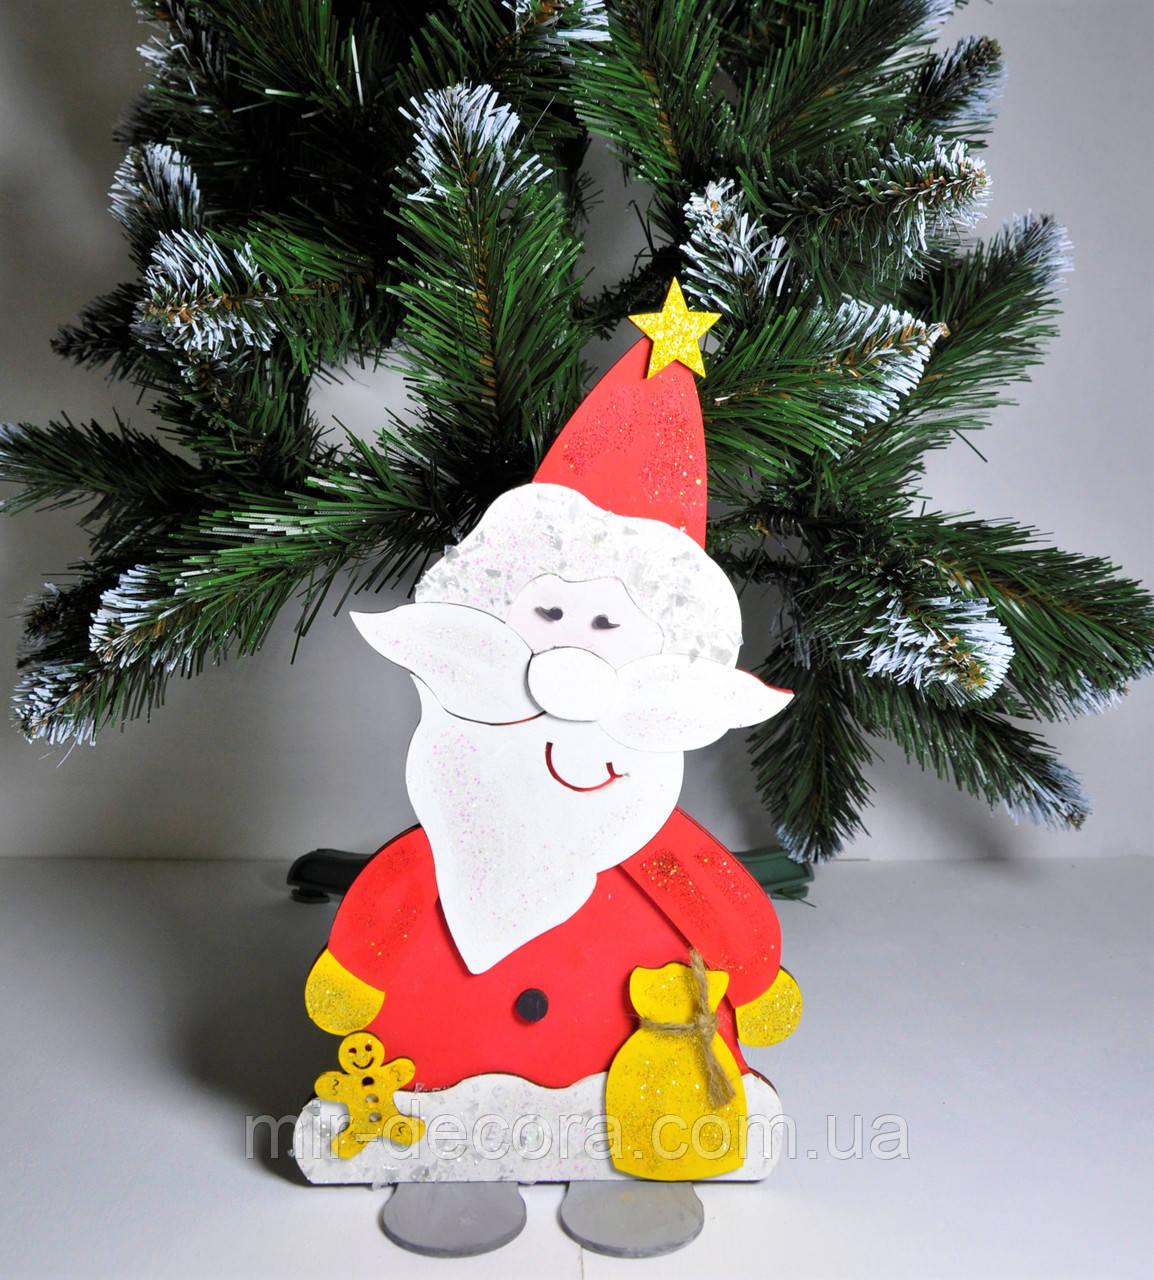 Дед Мороз под елку из дерева, 35см.